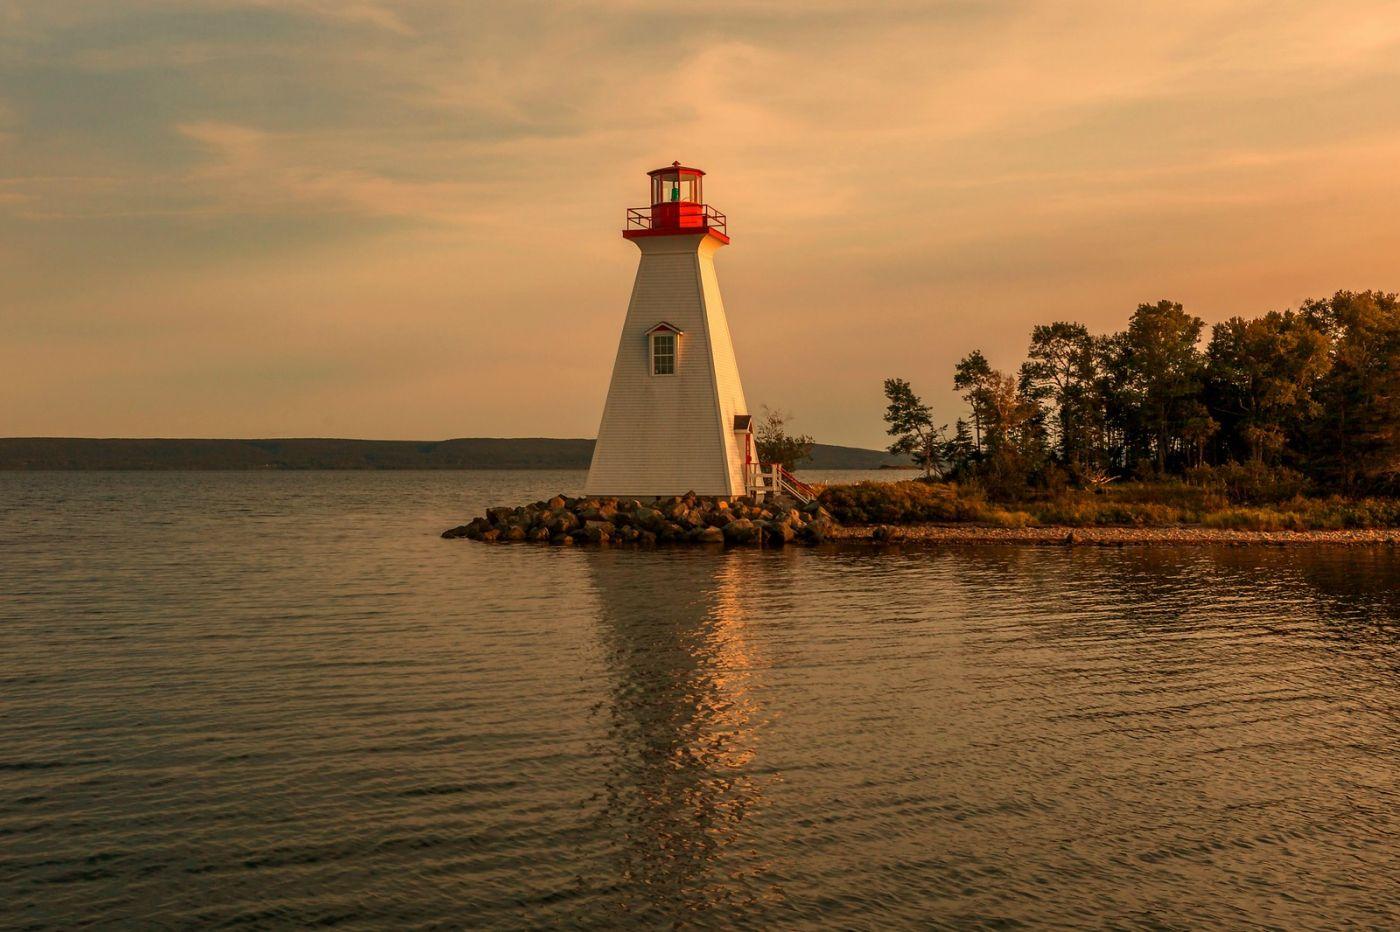 加拿大Nova Scotia, 帆船灯塔老鹰_图1-35